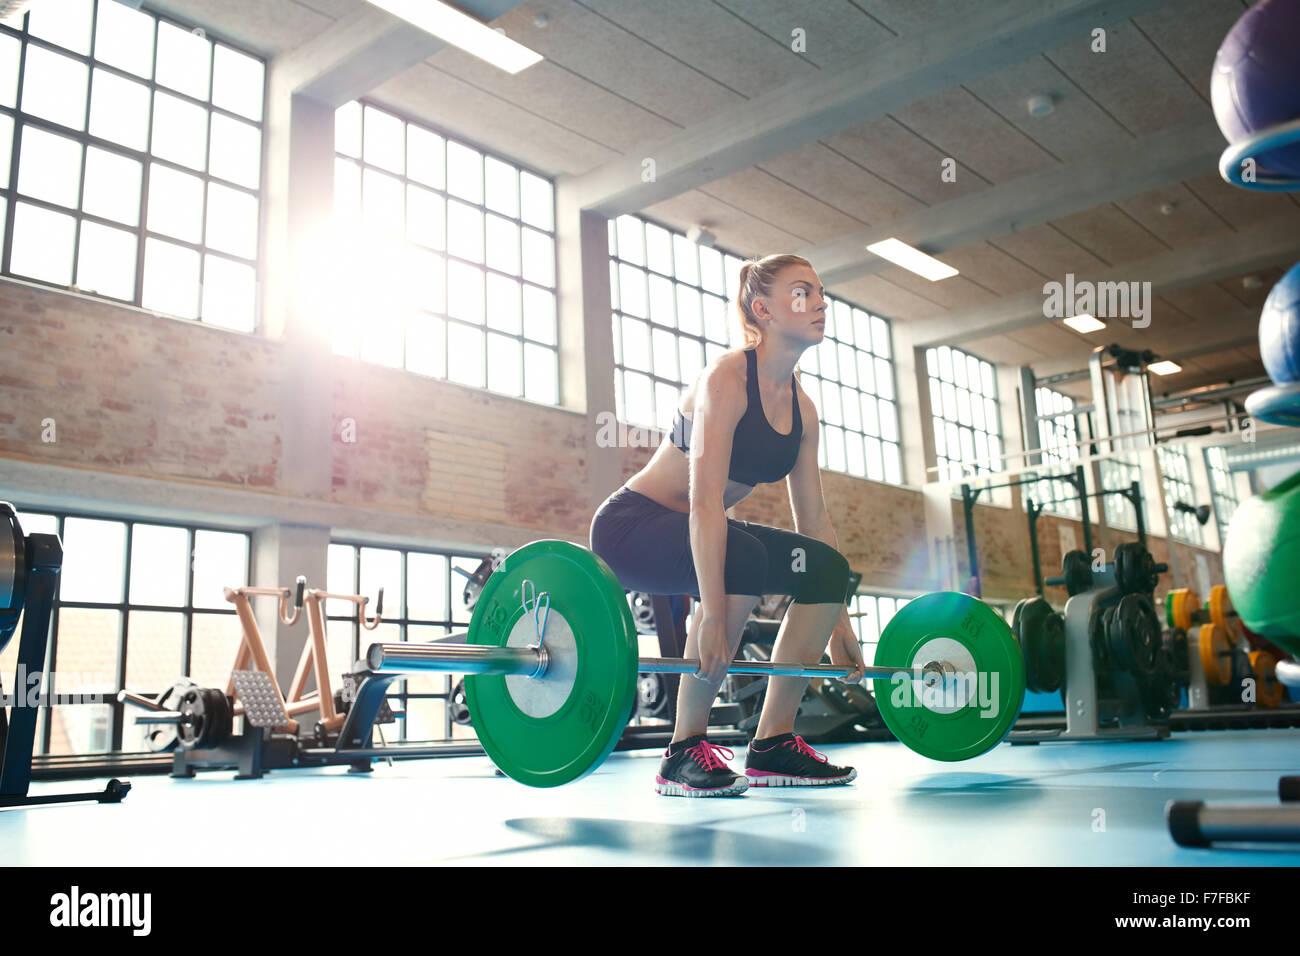 Junge Frau arbeitet hart in der Turnhalle. Passen Sie Sportlerin im Fitnessstudio Gewichte zu heben. Stockbild